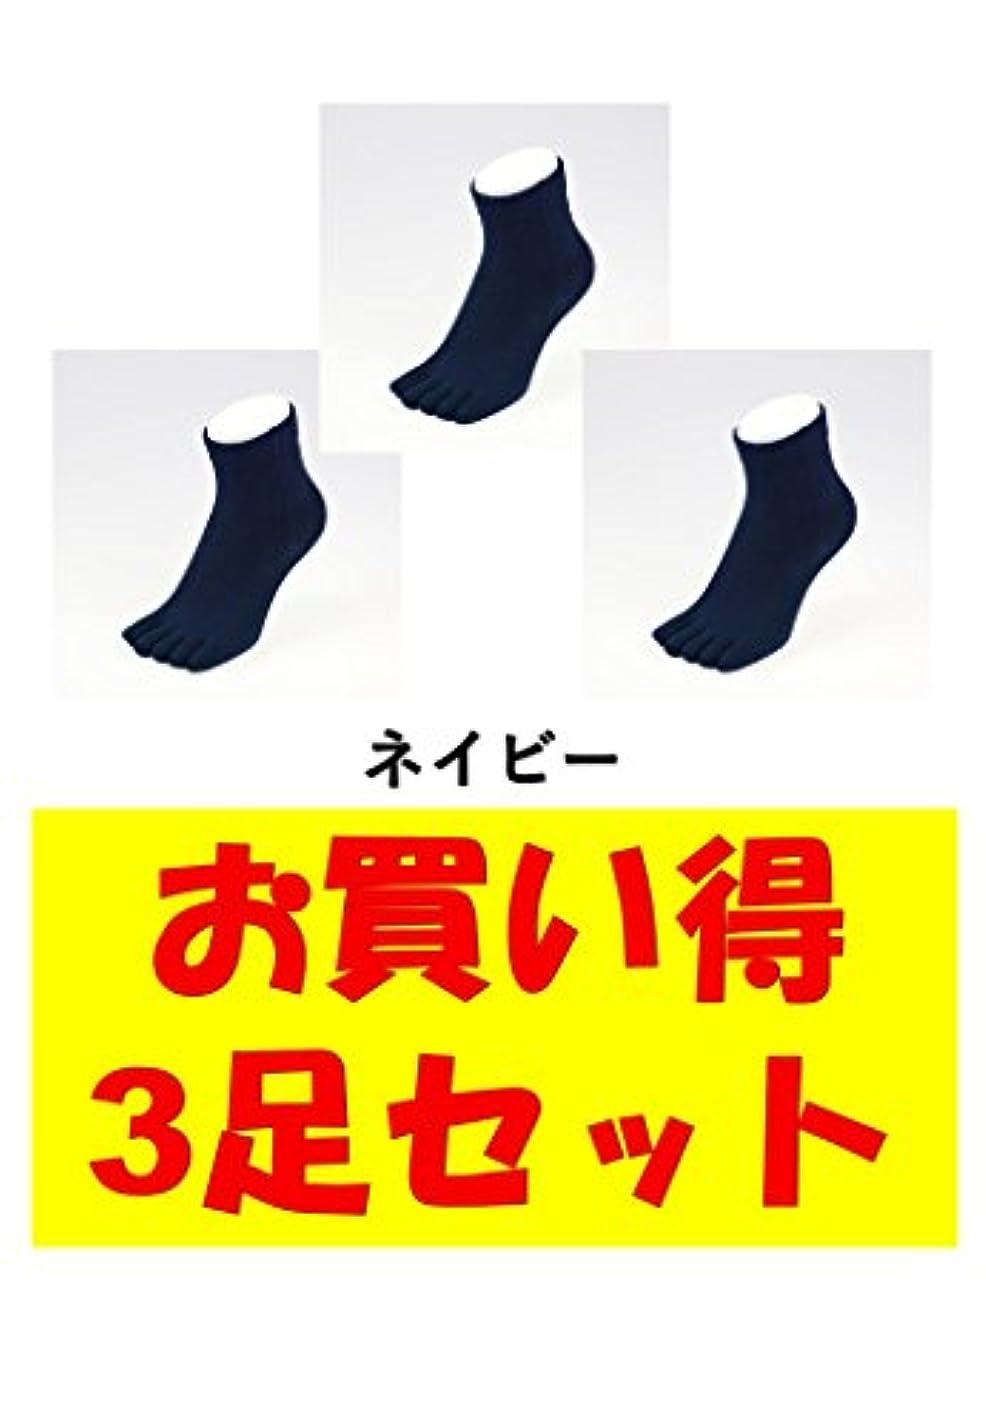 夜の動物園長方形間違いなくお買い得3足セット 5本指 ゆびのばソックス Neo EVE(イヴ) ネイビー Sサイズ(21.0cm - 24.0cm) YSNEVE-NVY